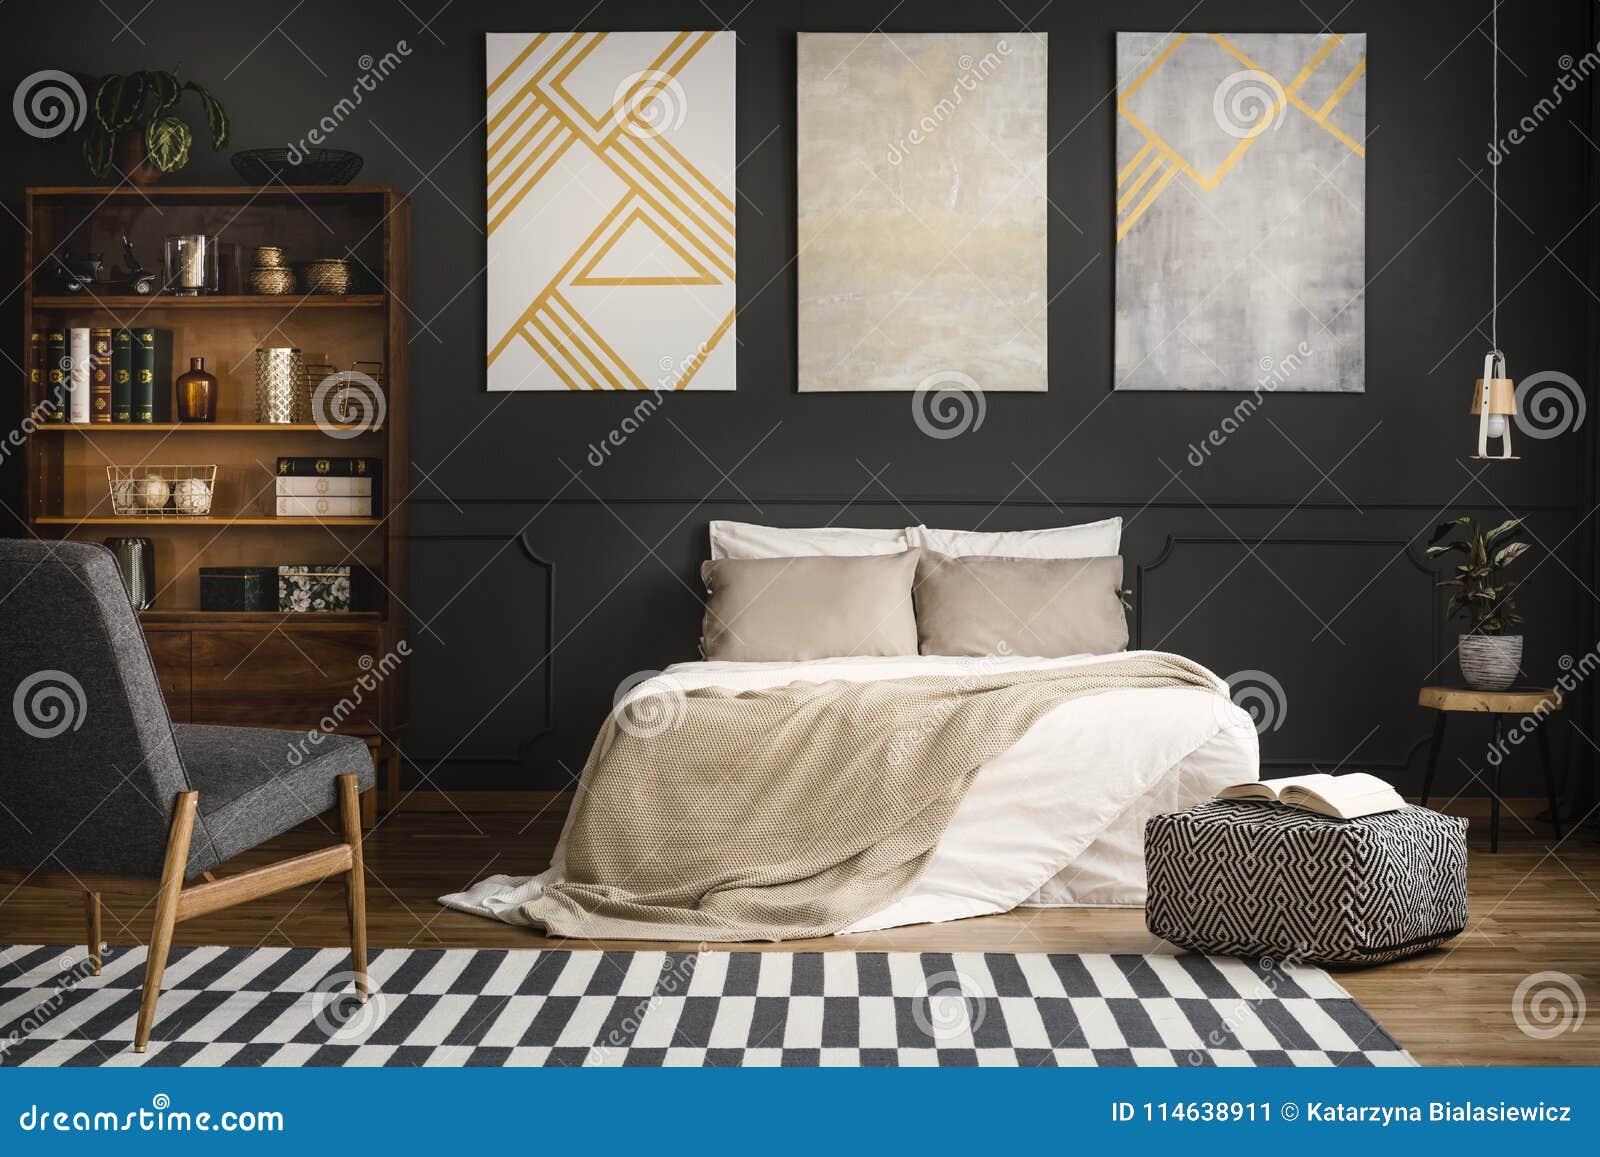 Chambre à Coucher En Bois Moderne Image stock - Image du ...